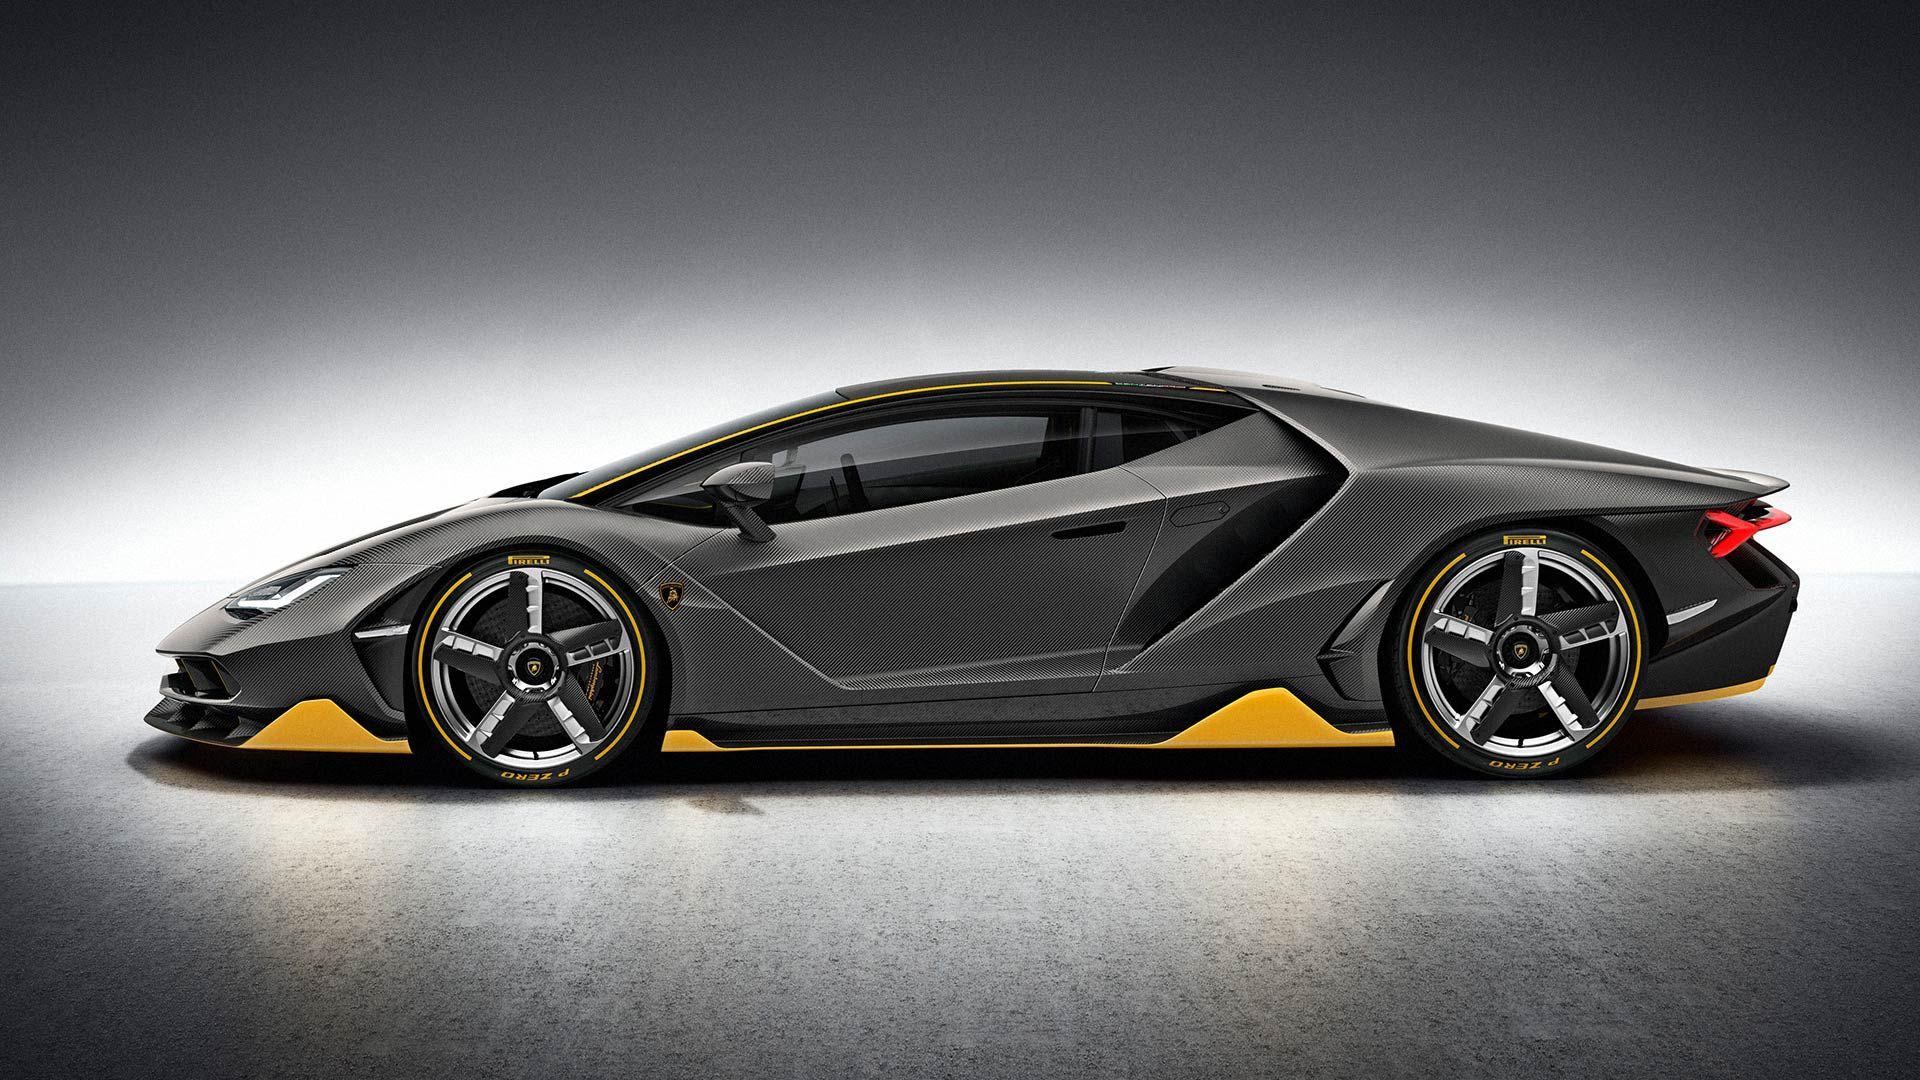 Centenario LP 770-4: Design e aerodinamica La Centenario è l'espressione più vera dell'impegno di Lamborghini nei confronti di un design innovativo e illuminante e ha permesso ai designer e agli ingegneri Lamborghini di creare in tutta libertà una concept car nella forma di una edizione limitata.